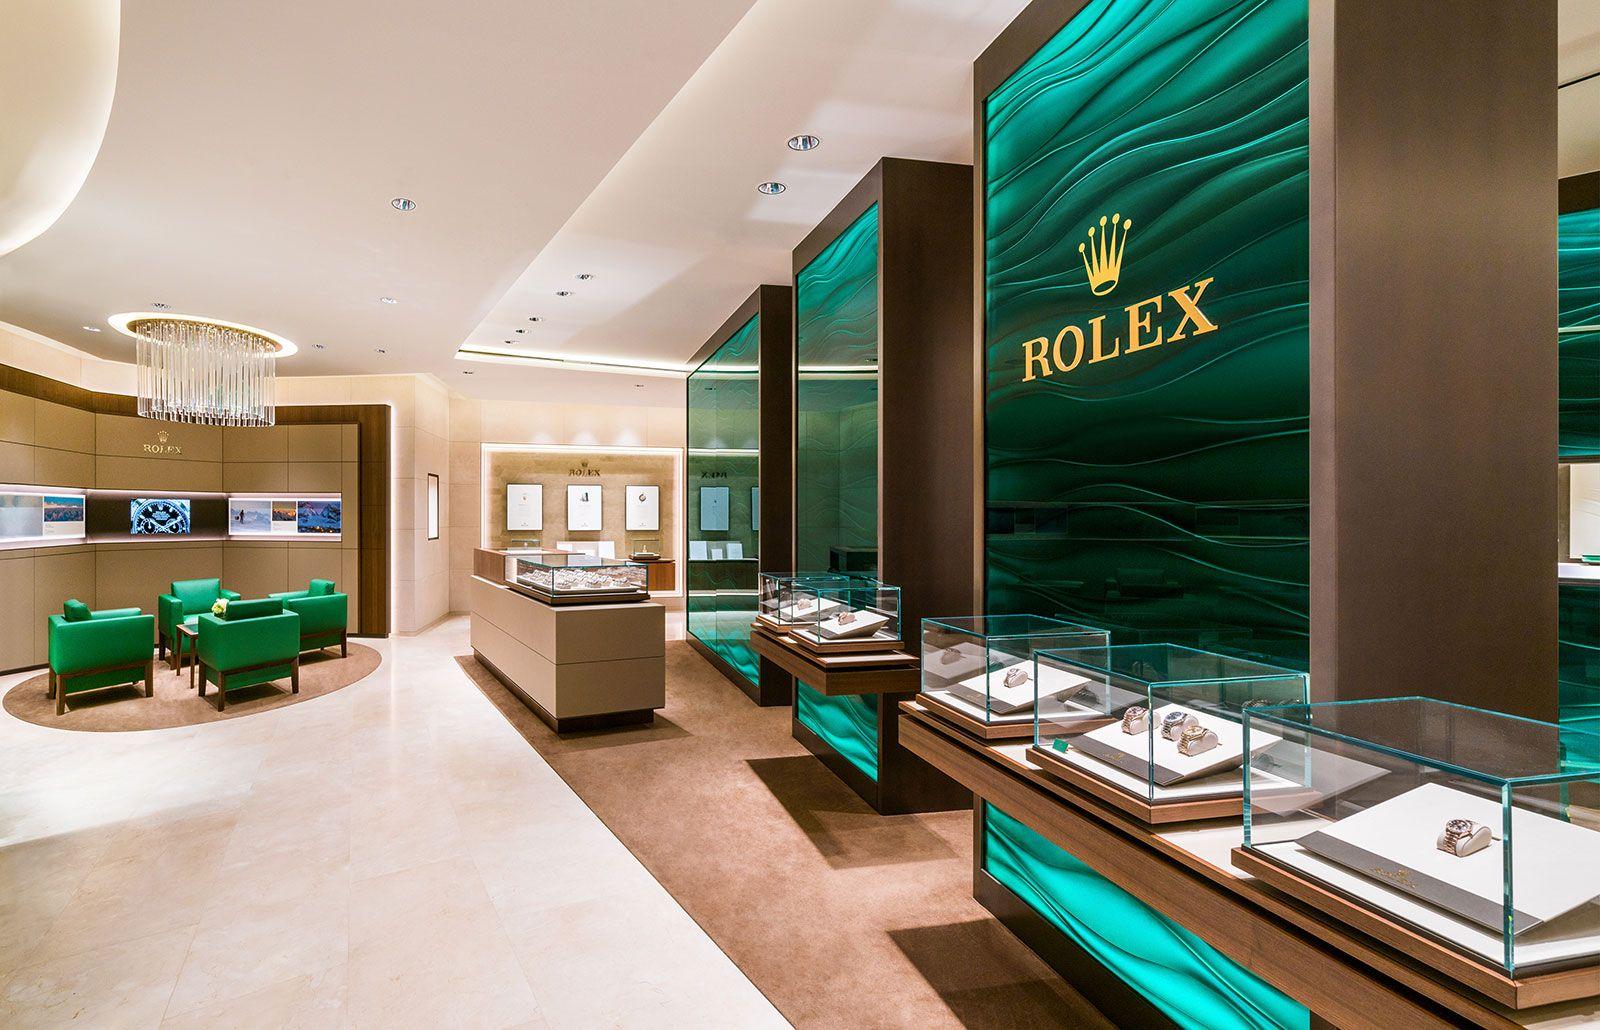 Rolex boutique in Singapore